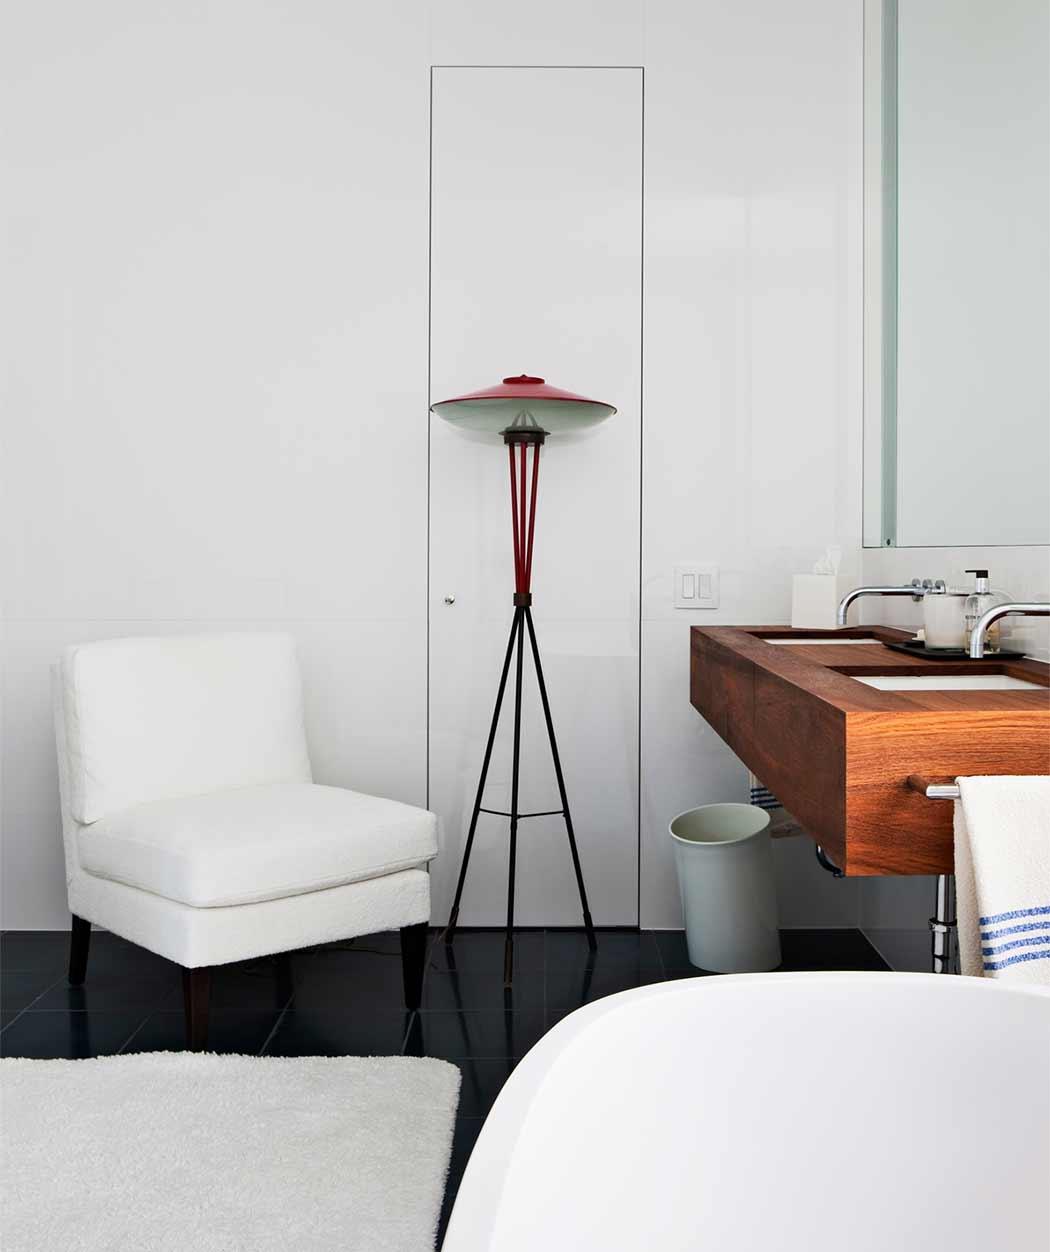 Vica Design, Inneneinrichtung, Lampe, Möbel, Tisch